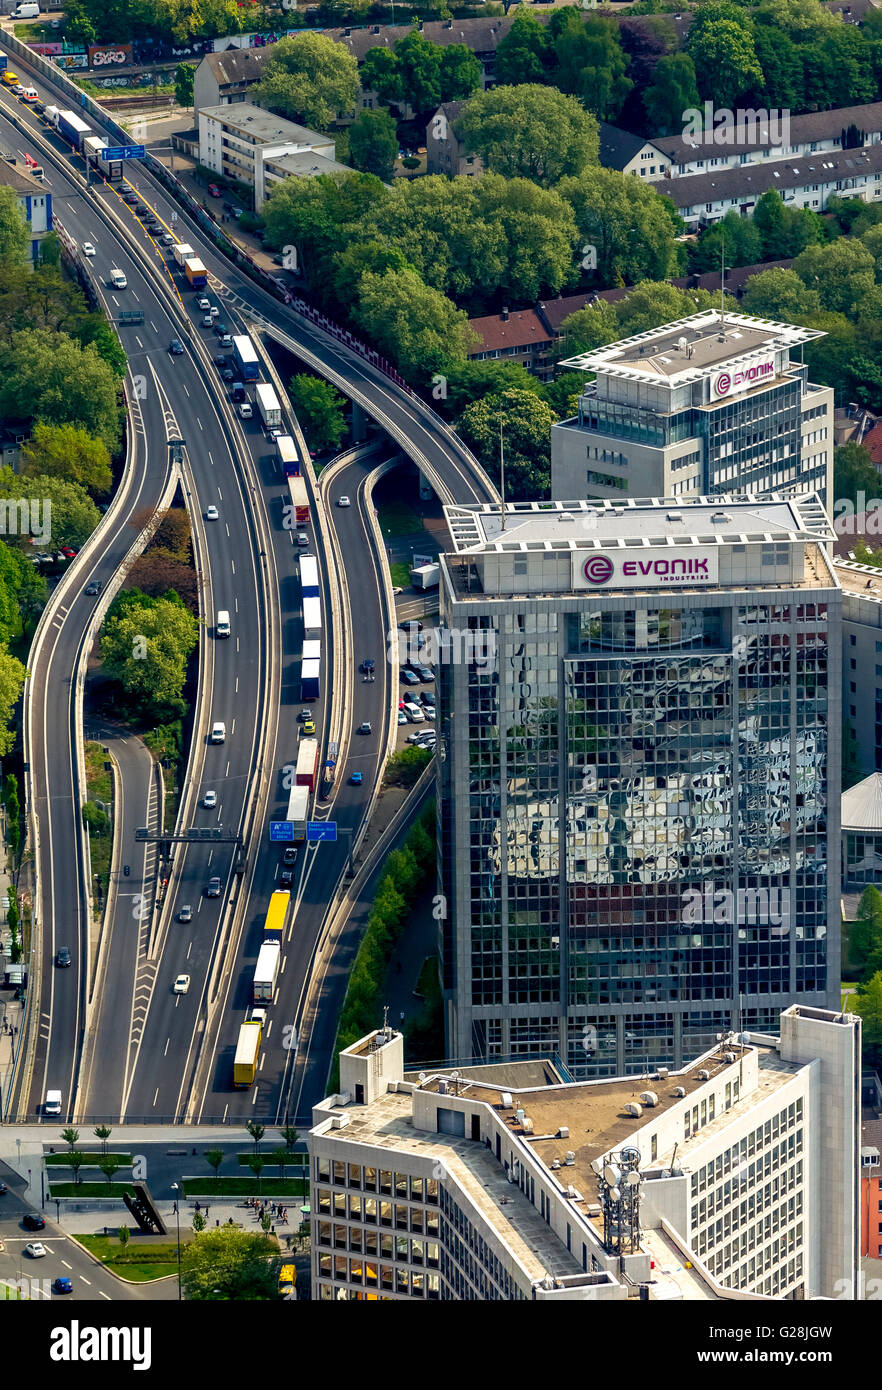 Vista aérea, bloqueando la A40 en dirección a Bochum y bloqueando la A52 antes de la A40, Essen, Ruhr, Imagen De Stock